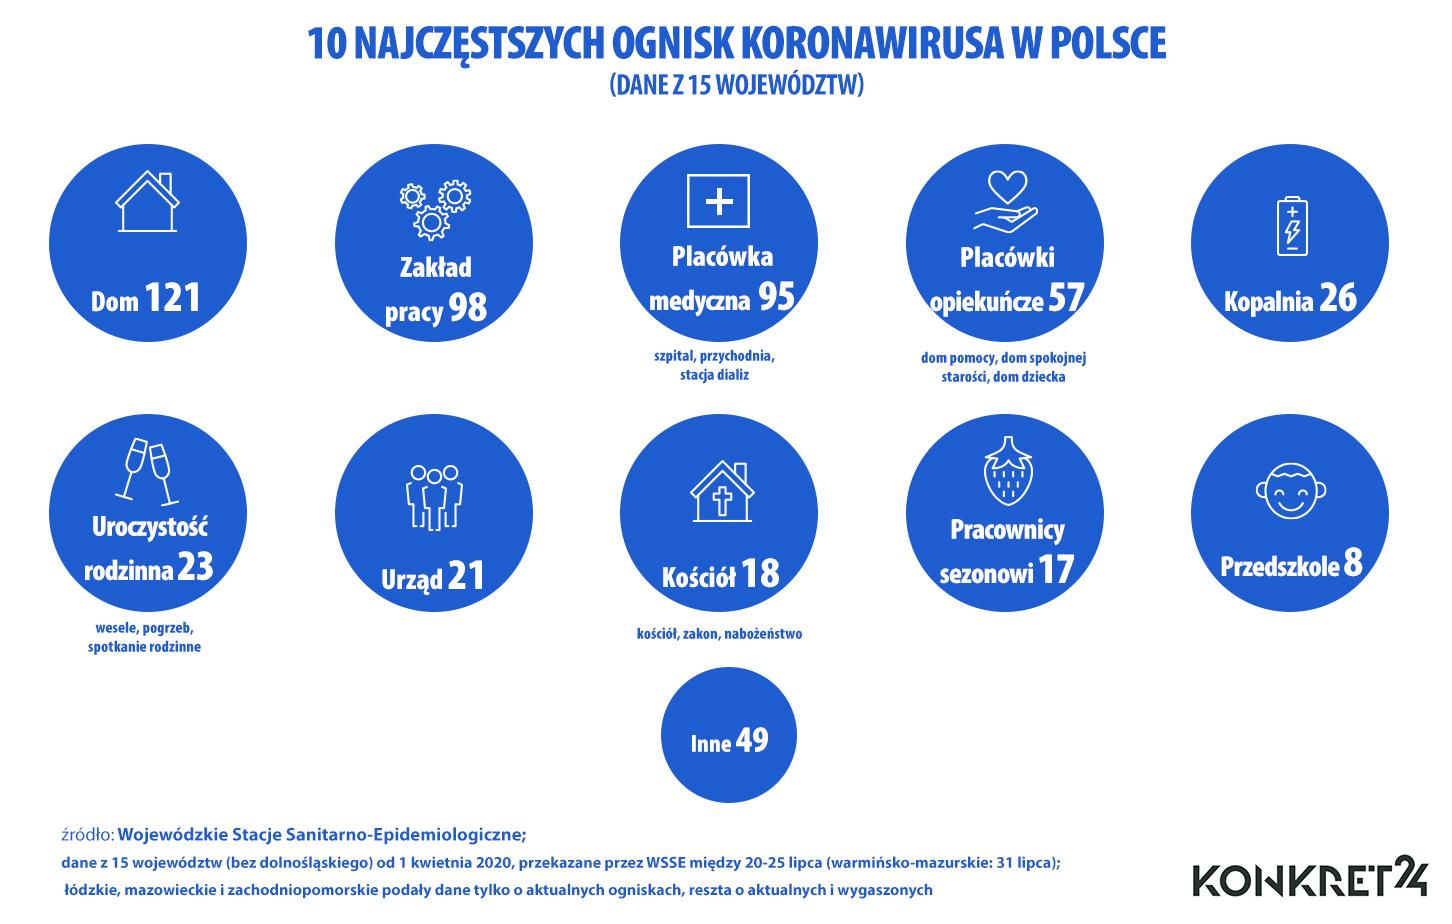 Najczęstsze ogniska koronawirusa w Polsce